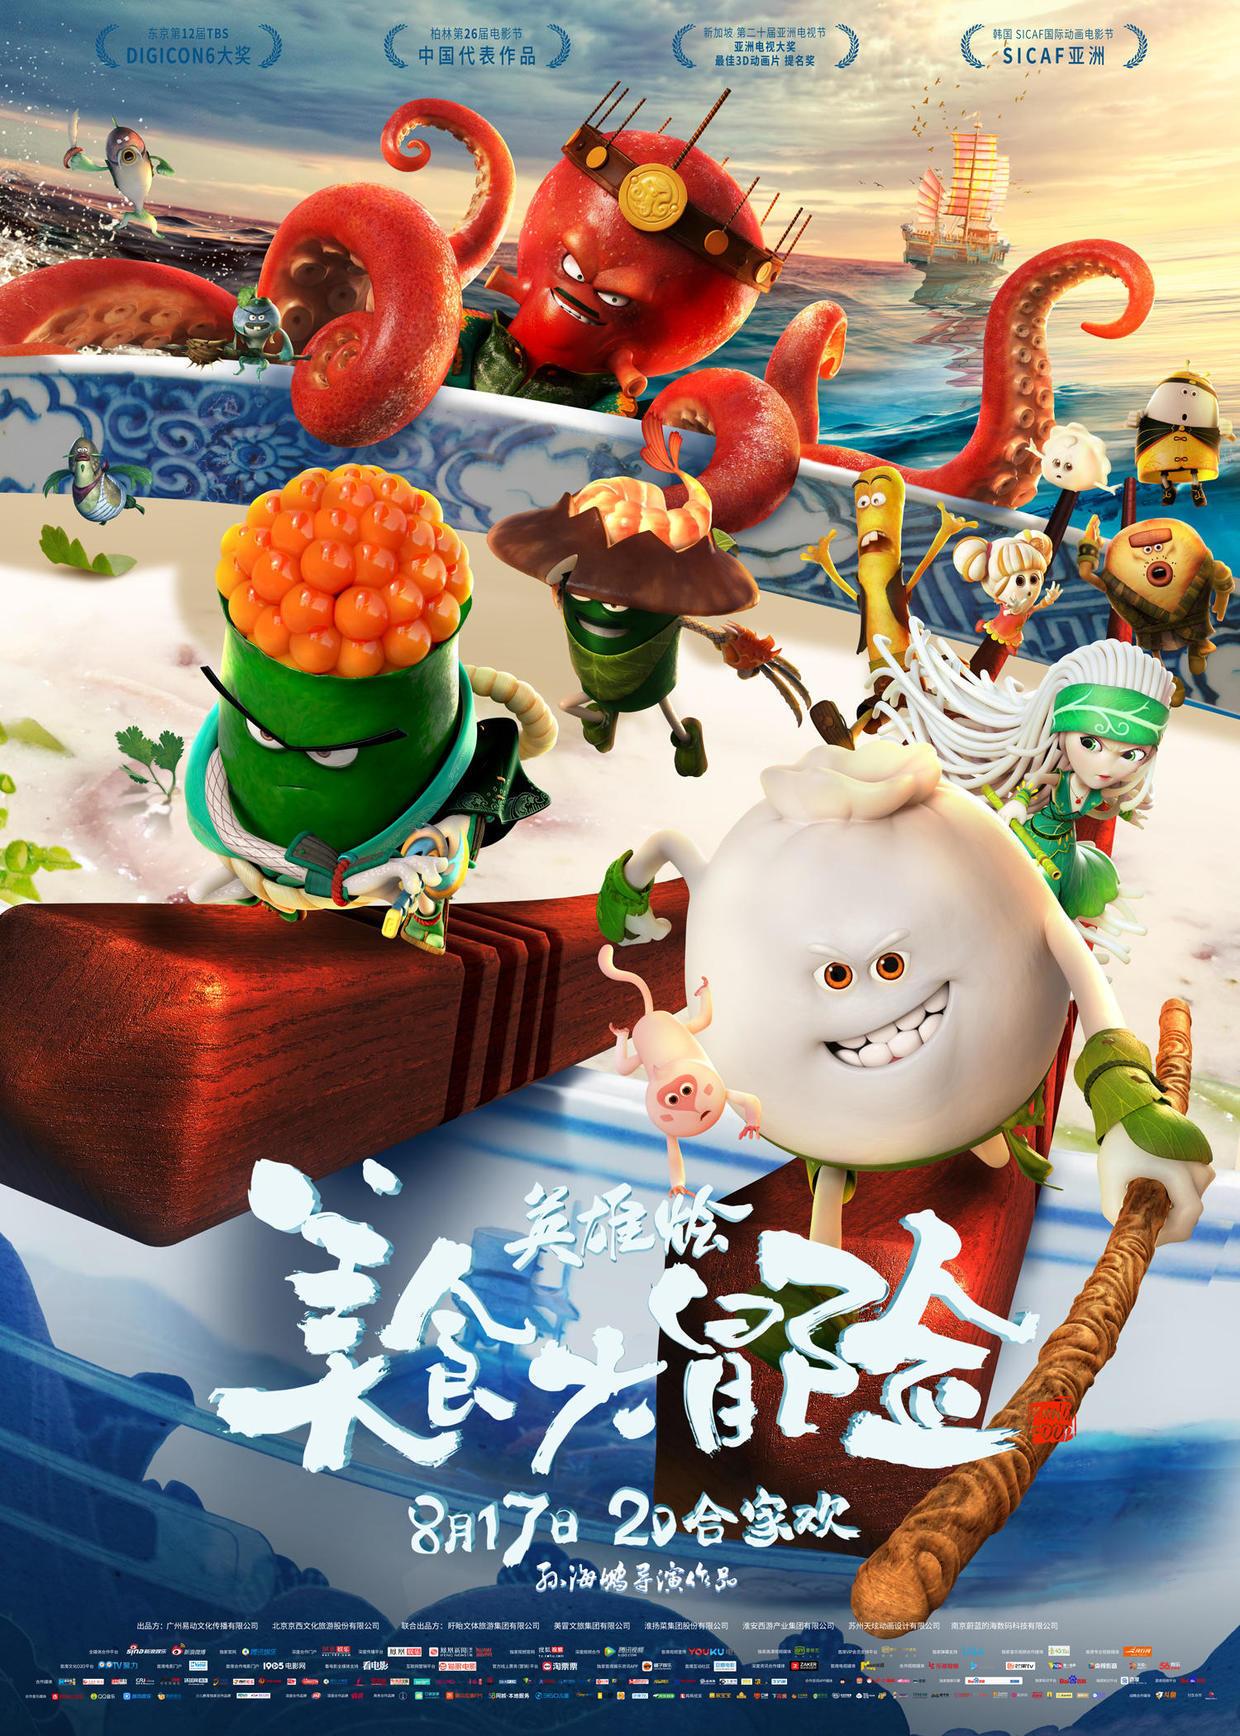 8月17日:《美食大冒险之英雄烩》,动画电影.